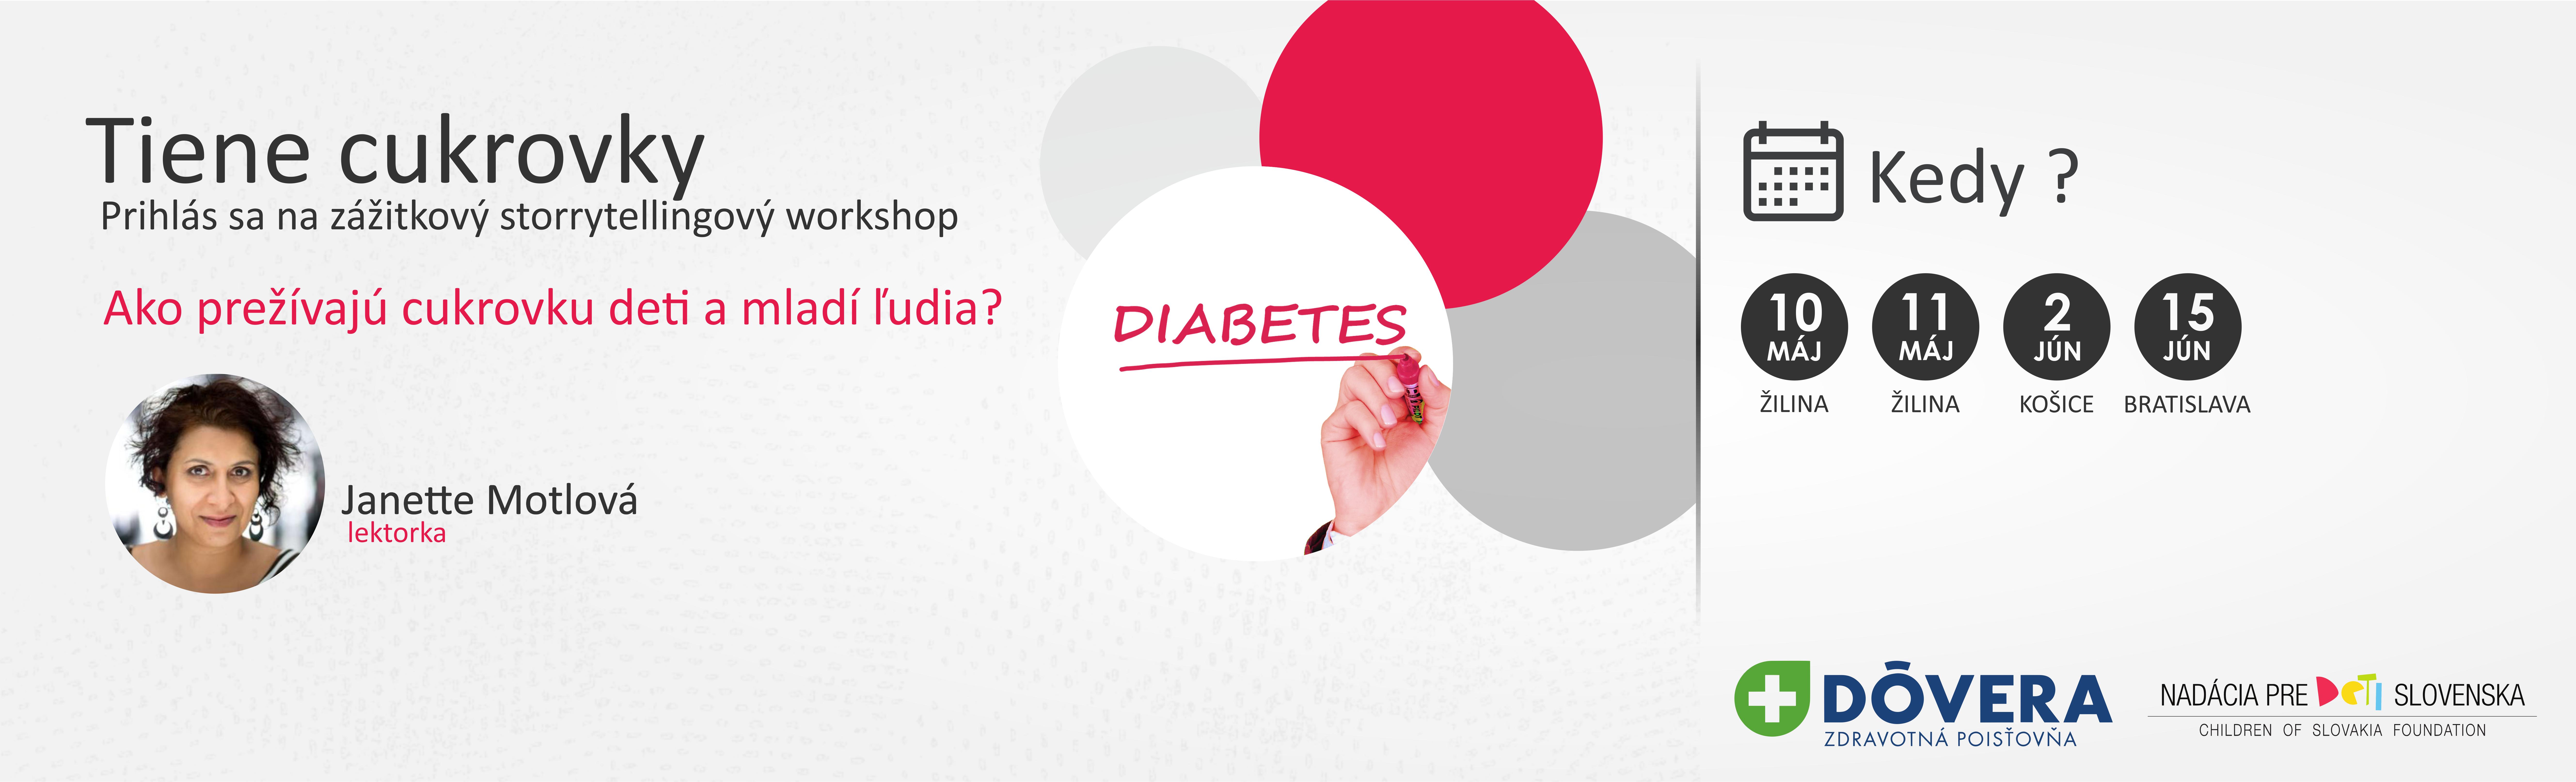 Prihláste sa na workshop Tiene cukrovky